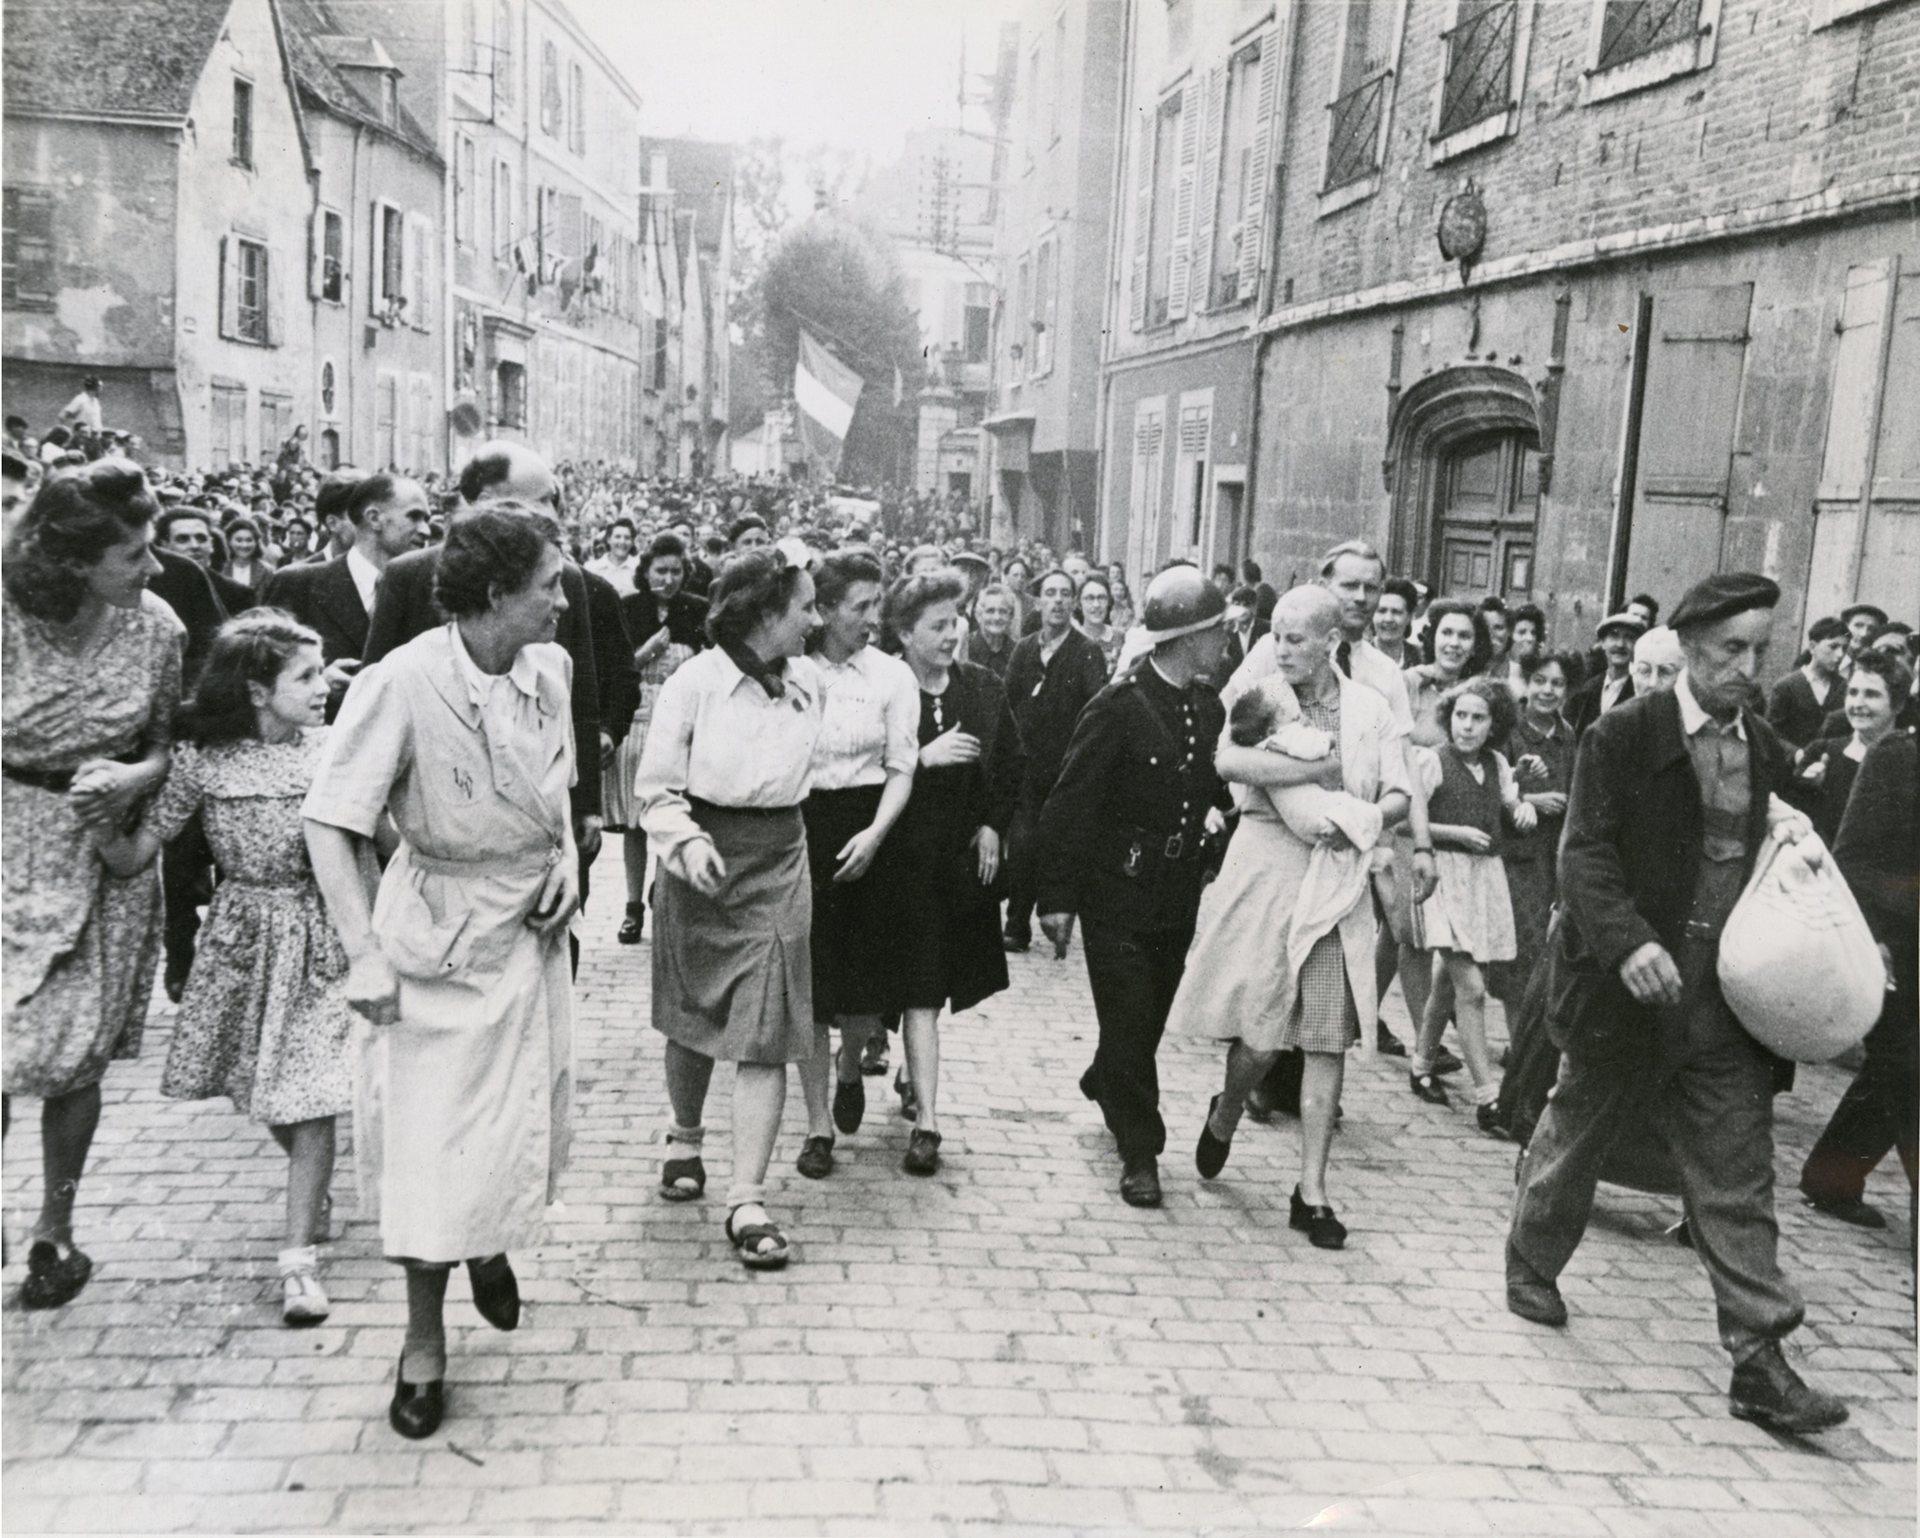 """Fotó: Robert Capa: Borotvált fejű francia nő, akinek gyereke született egy német katonától.<br />Chartres, Eure-et-Loir, 1944. augusztus 18. © Robert Capa / Magnum Photos <br /><br />Robert Capa 1944. augusztus 18-án a franciaországi Chartres városában készítette el világhírű fotóját, amelyet maga élete legjobb felvételének tartott.<br />""""Döbbenetes volt a német katonától származó gyereket magához szorító nő és körülötte az eltorzult, gyűlölködő arcok. Hát ezt szeretem, mert sikerült emberi mélységeket megmutatni rajta."""" (In: Markos György: Barátom, Capa)"""